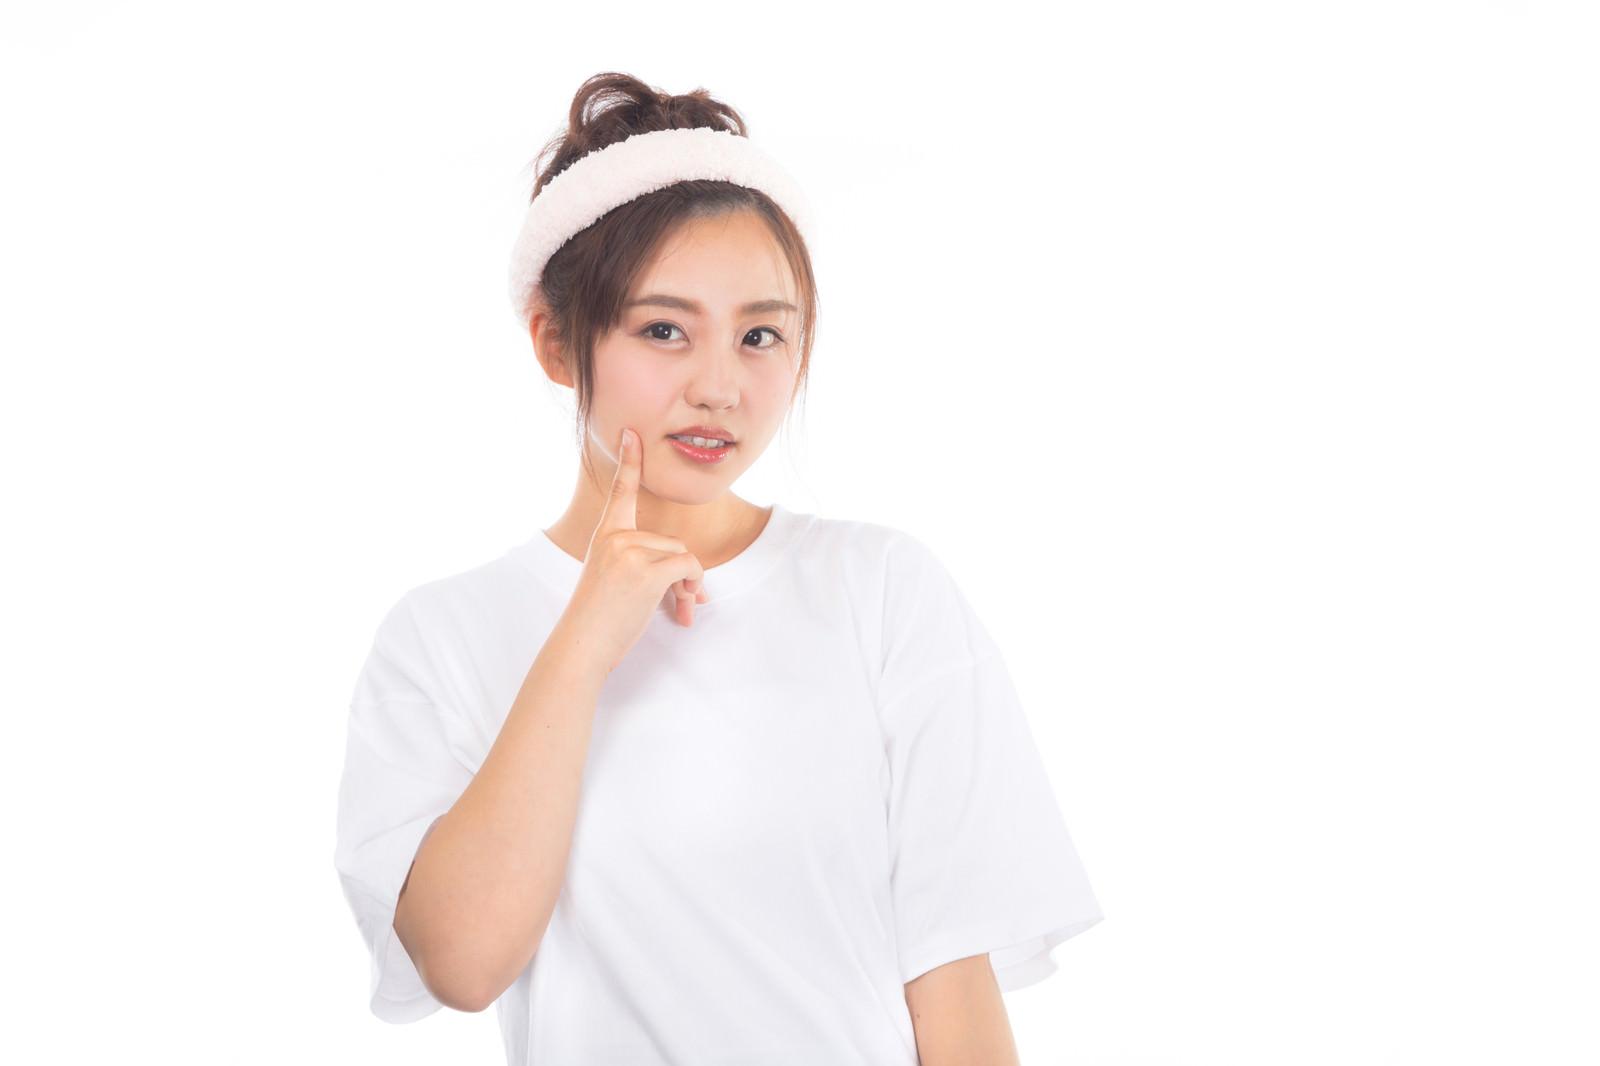 「頬の吹き出物が気になる女性頬の吹き出物が気になる女性」[モデル:河村友歌]のフリー写真素材を拡大